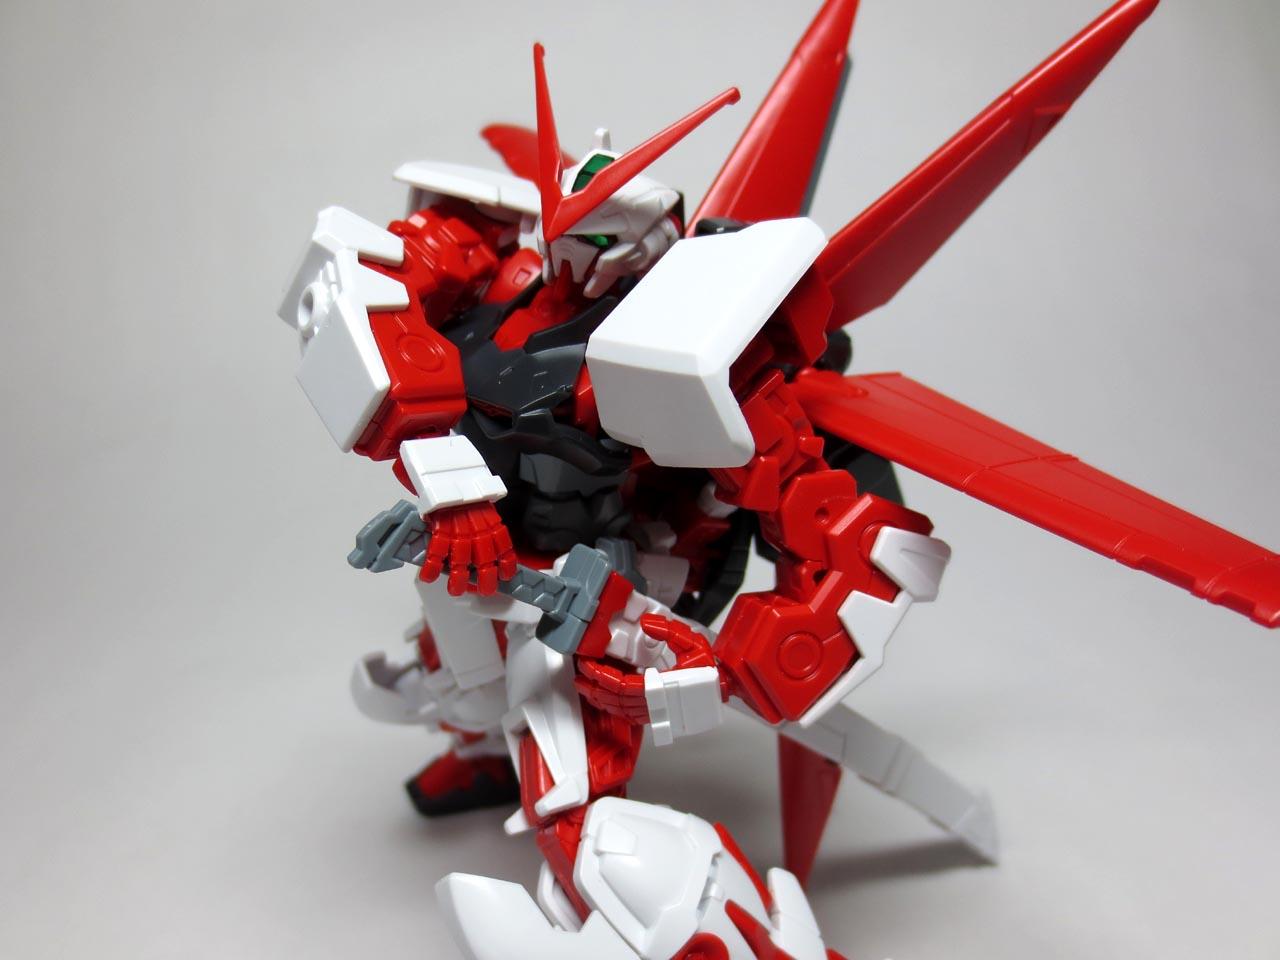 HG_MBF_P02_RED_FRAME_FU_25.jpg